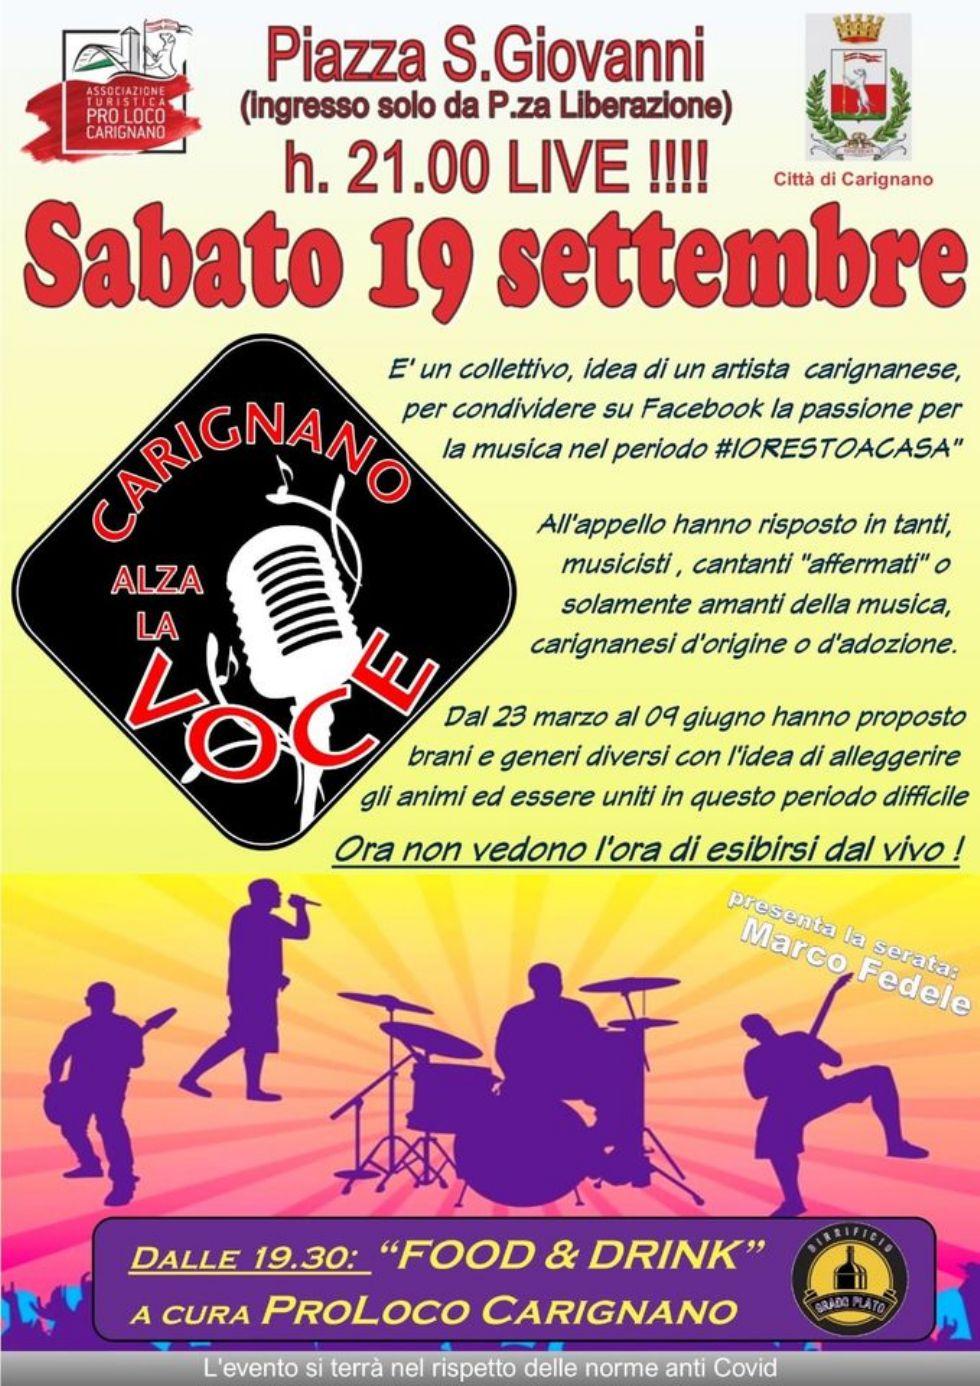 CARIGNANO - Dal web al concerto in piazza con Carignano Alza la Voce